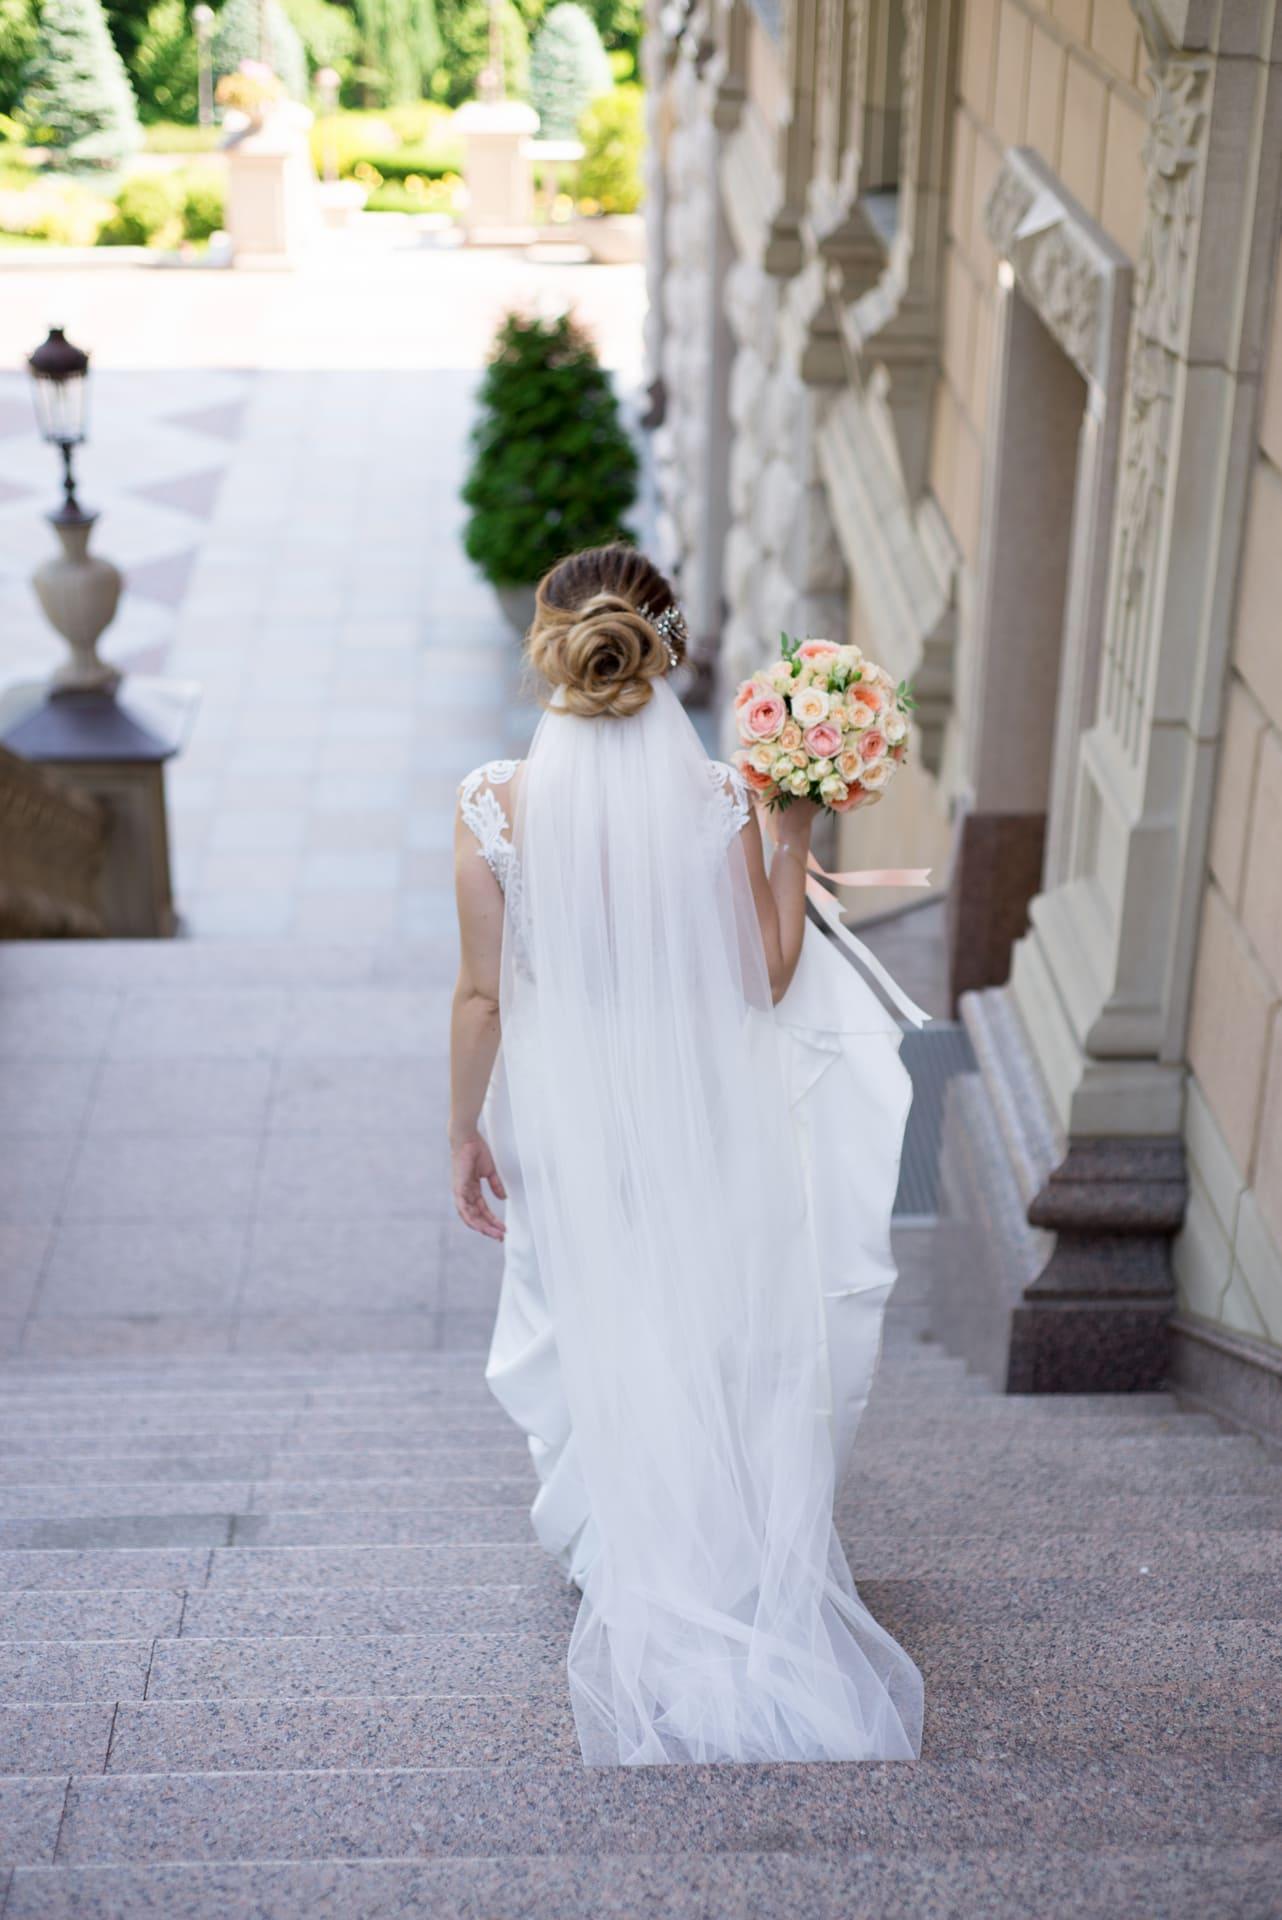 Свадебная фотосессия в Межигорье: Невеста спускается по лестнице